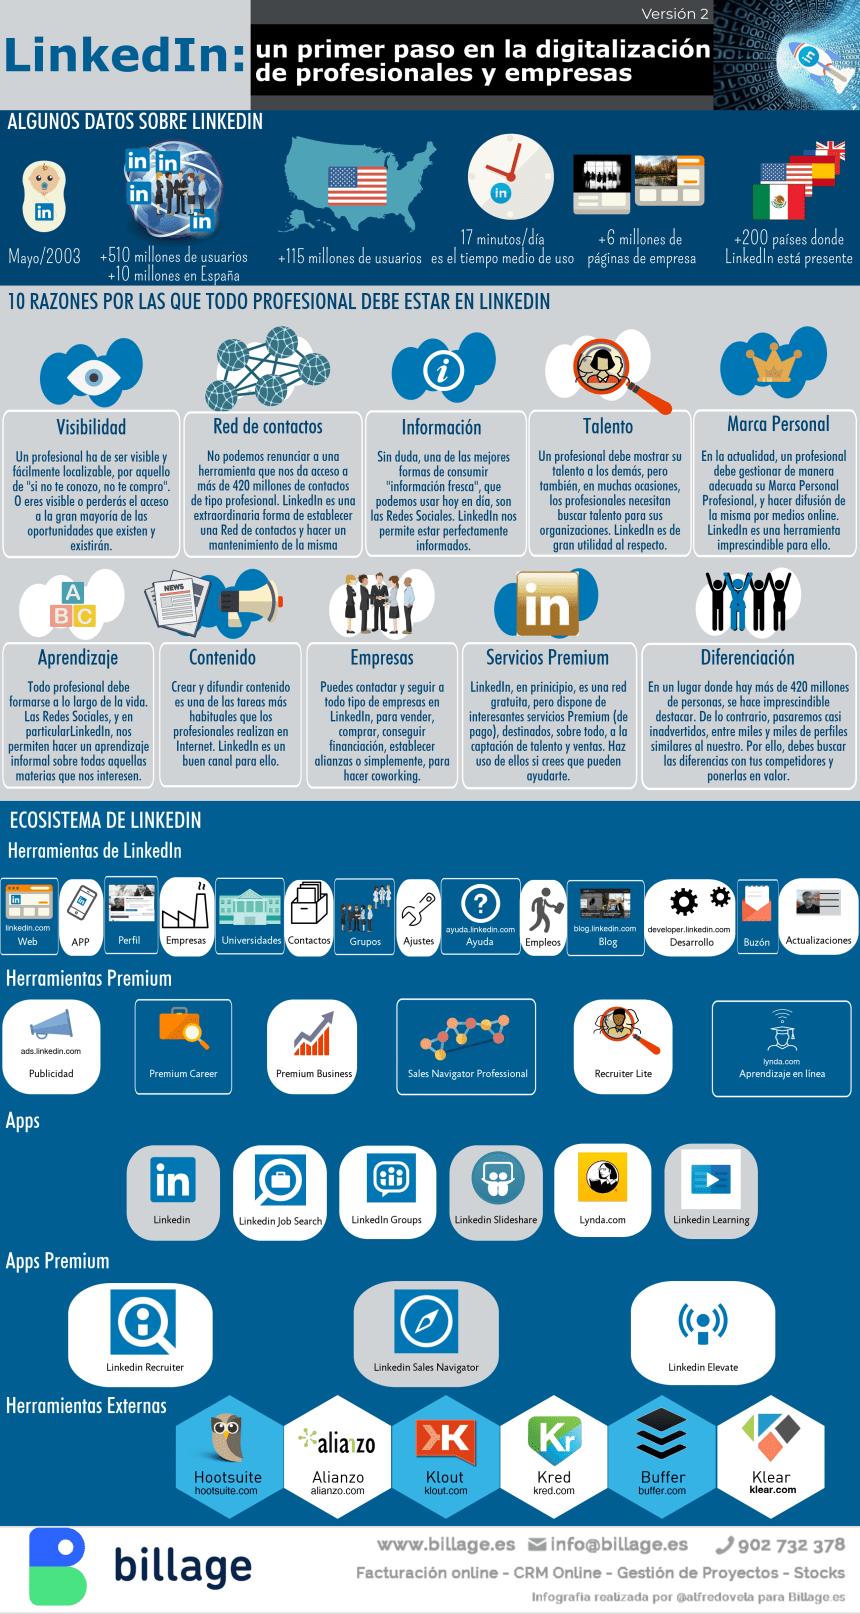 LinkedIn: un primer paso en la digitalización de profesionales y empresas (versión 2)